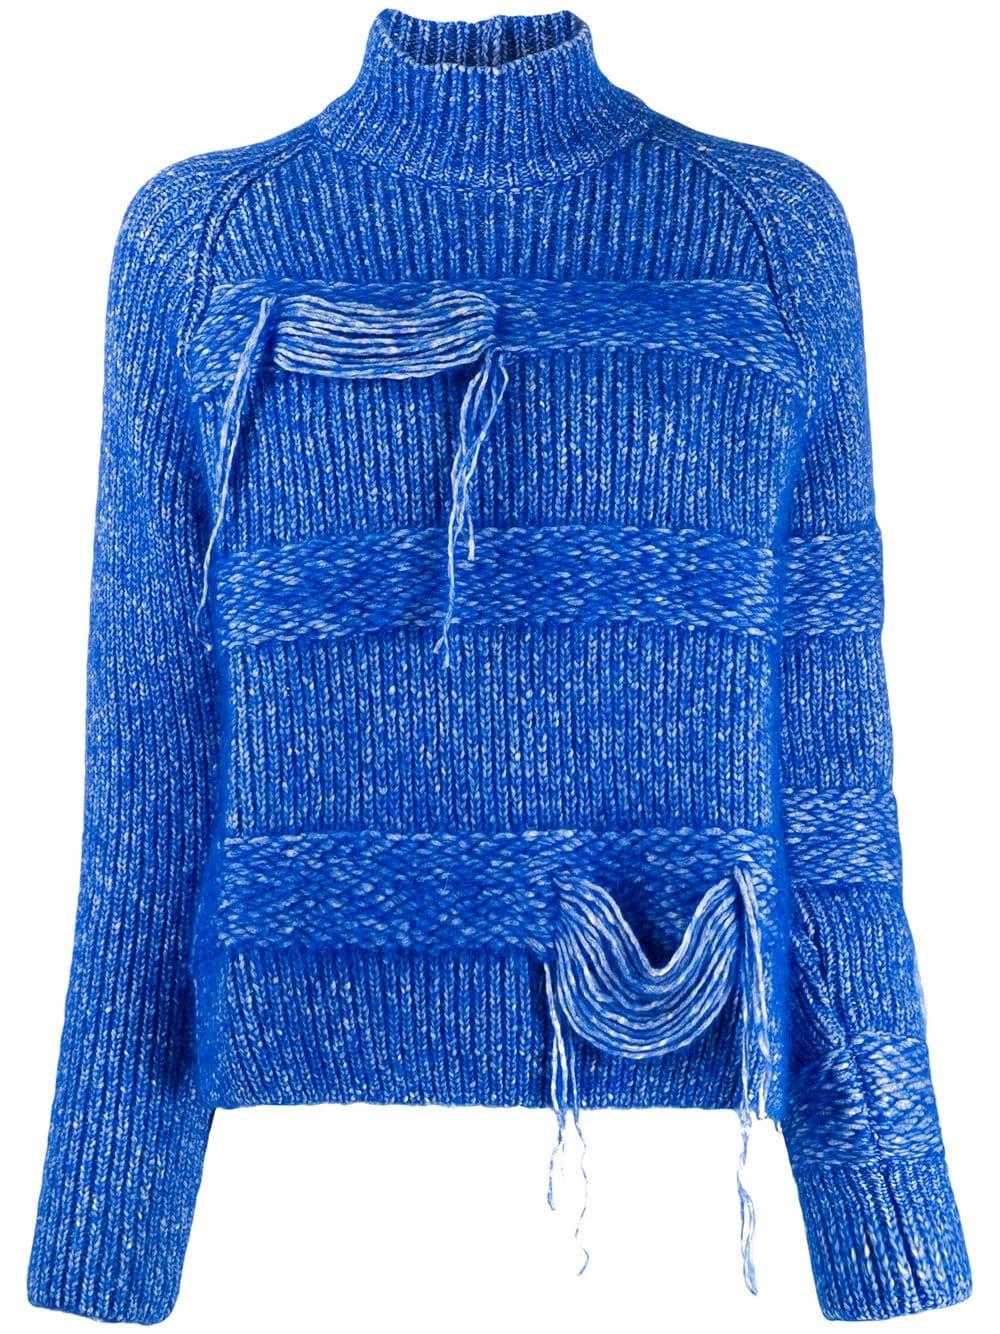 MRZ speckled knit turtleneck jumper